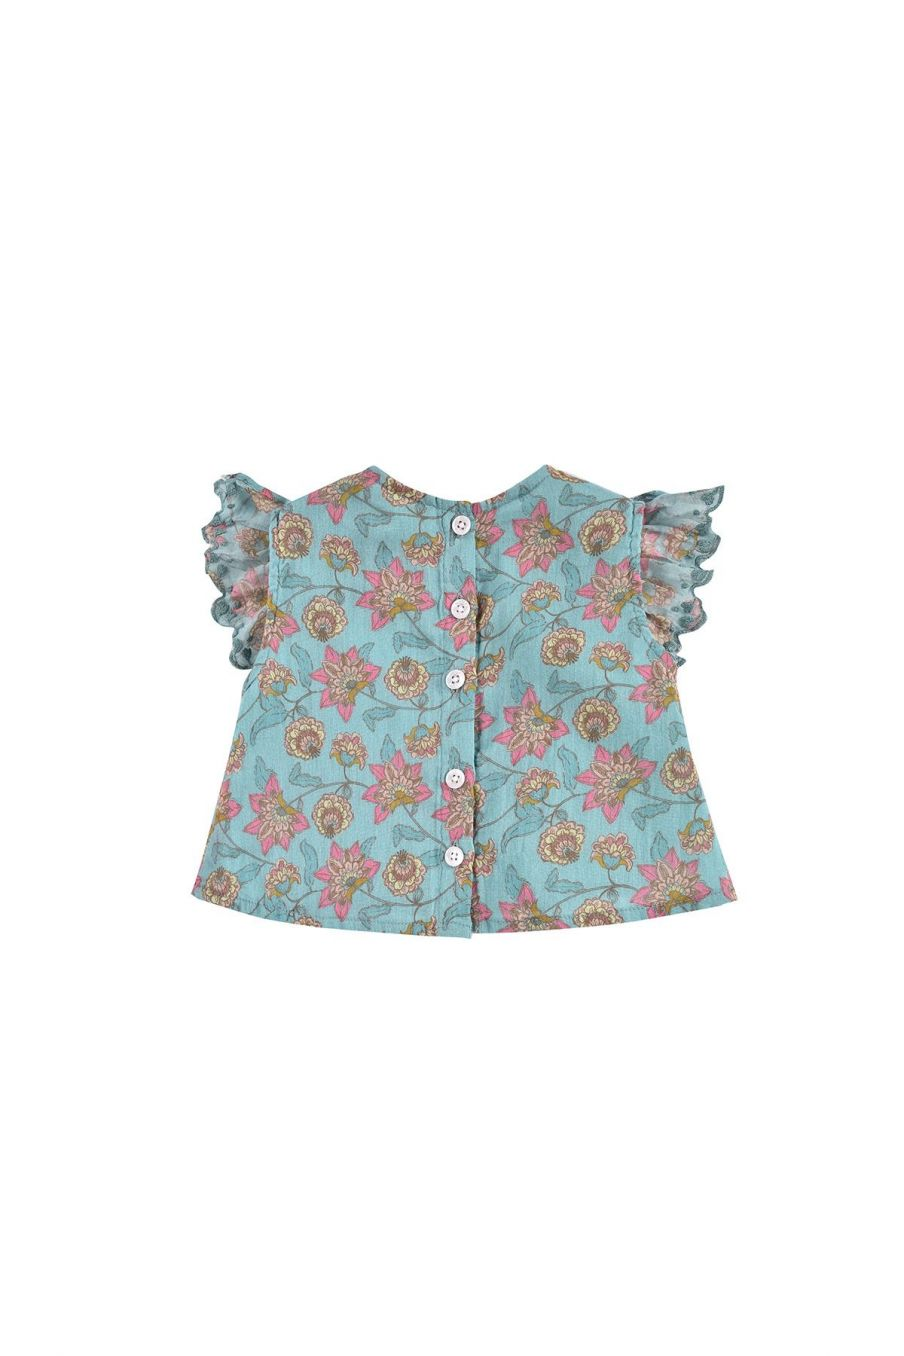 boheme chic vintage blouse bébé fille hija turquoise flowers